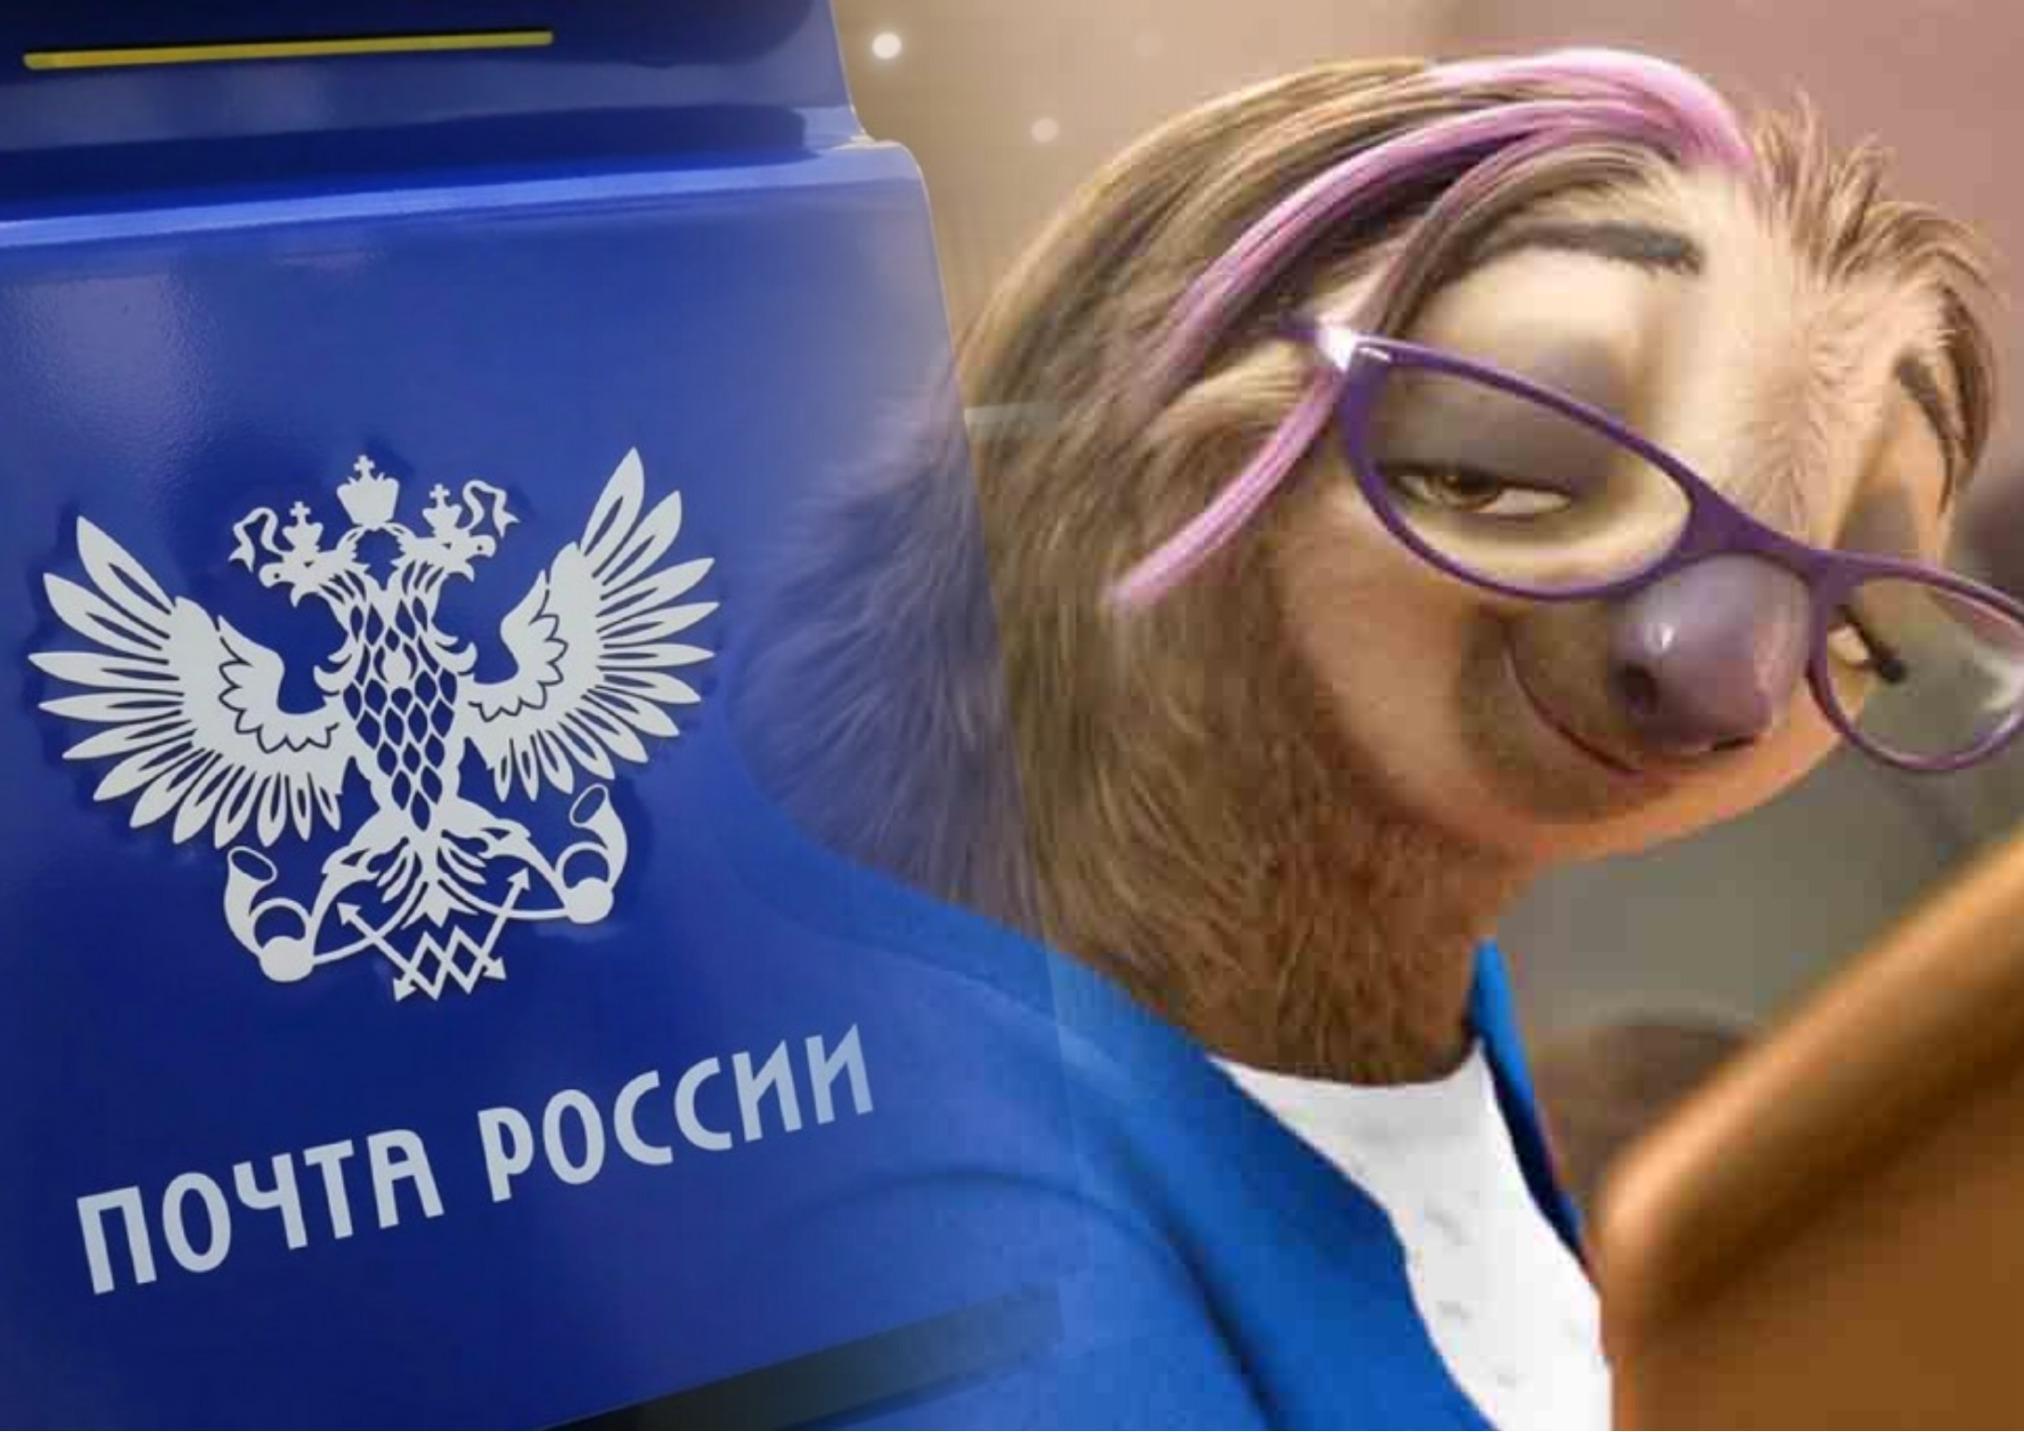 привлечь почта россии фото ленивец растерялась обратилась